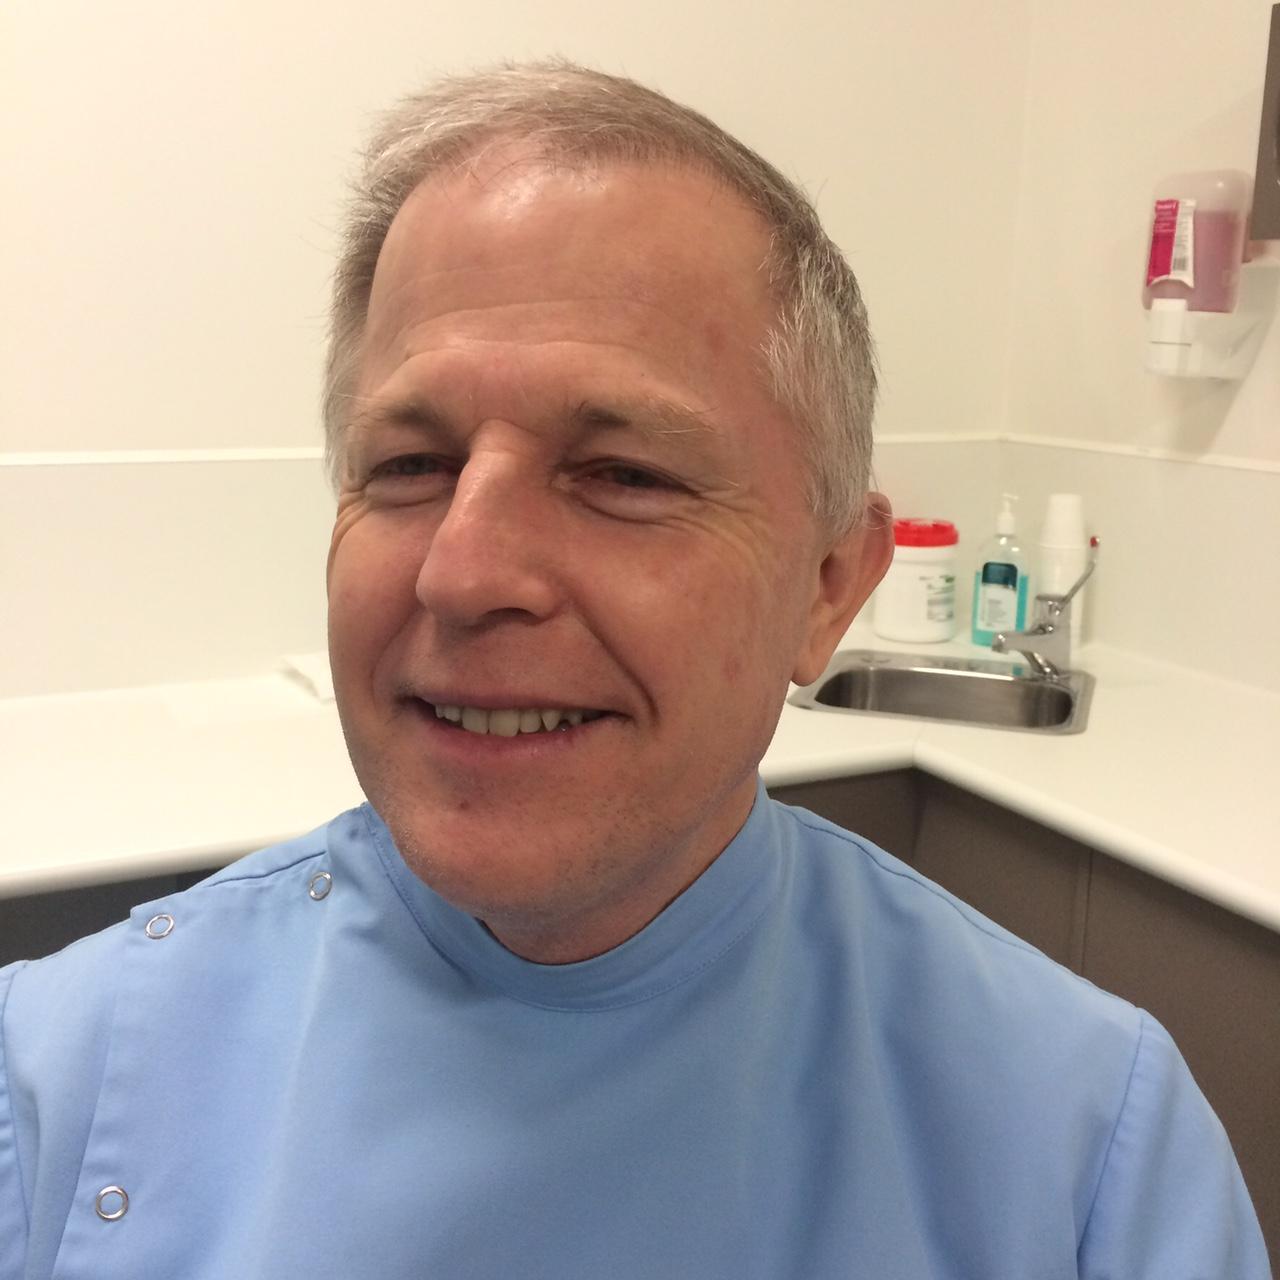 Orthodontics, Braces, Kittel